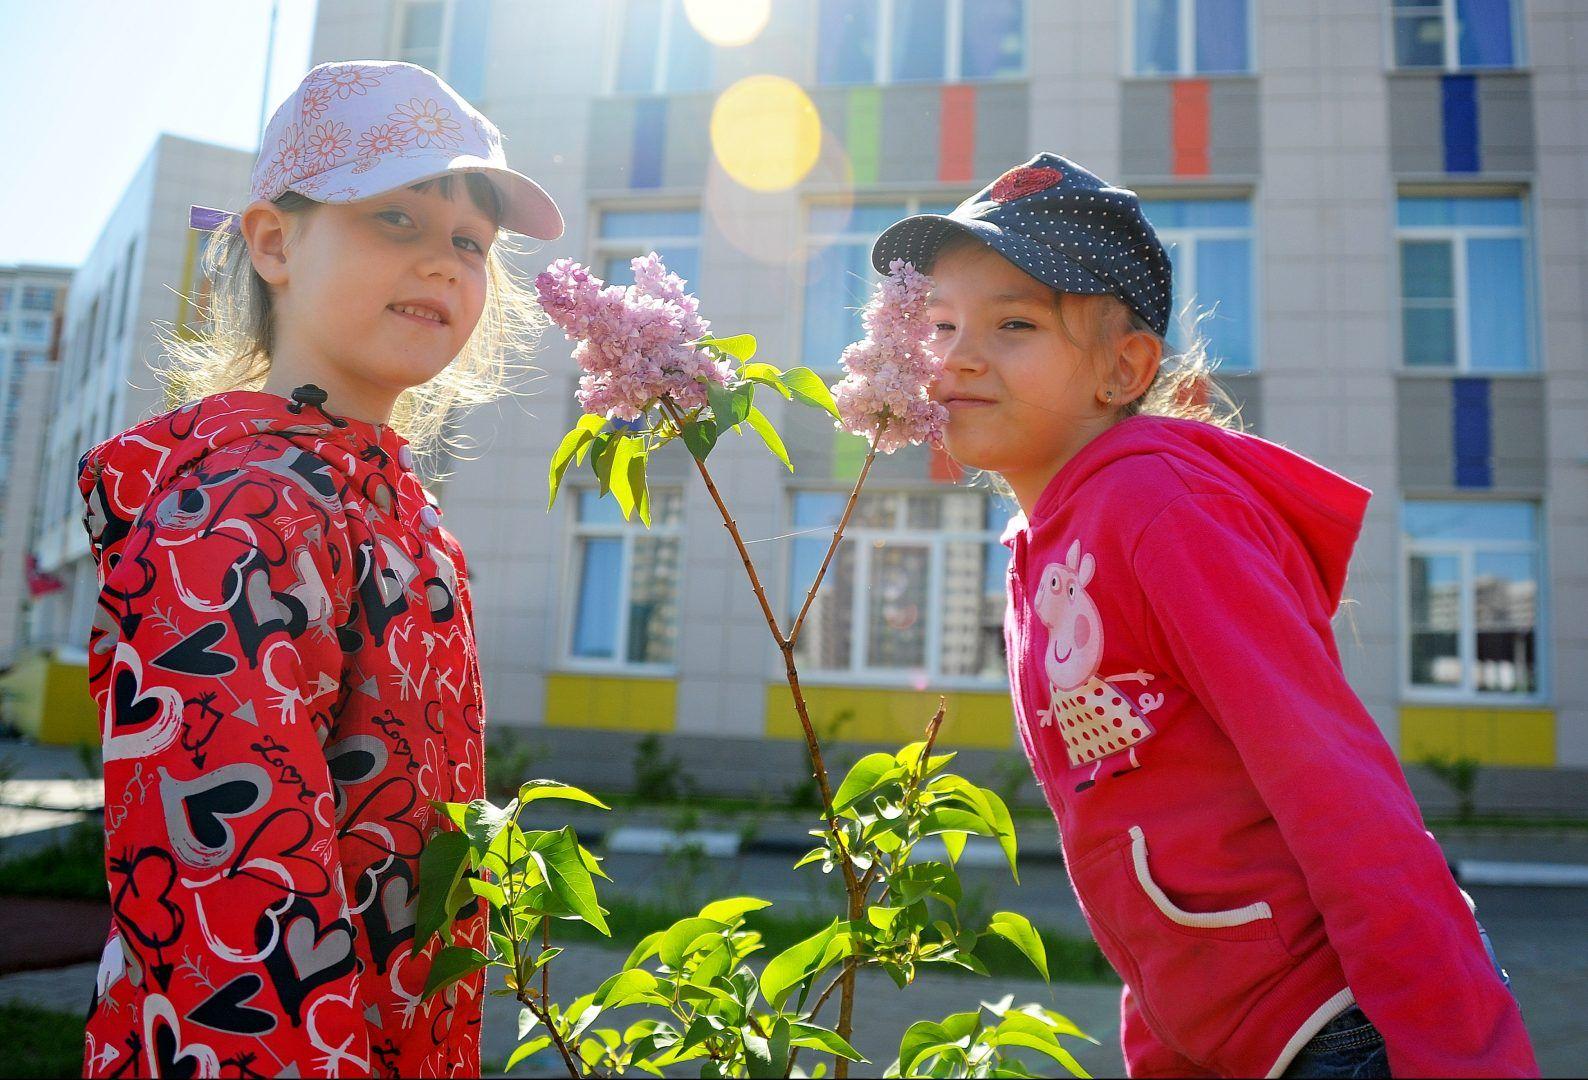 Дошкольное учреждение рассчитали на 120 мест. Фото: Александр Кожохин, «Вечерняя Москва»